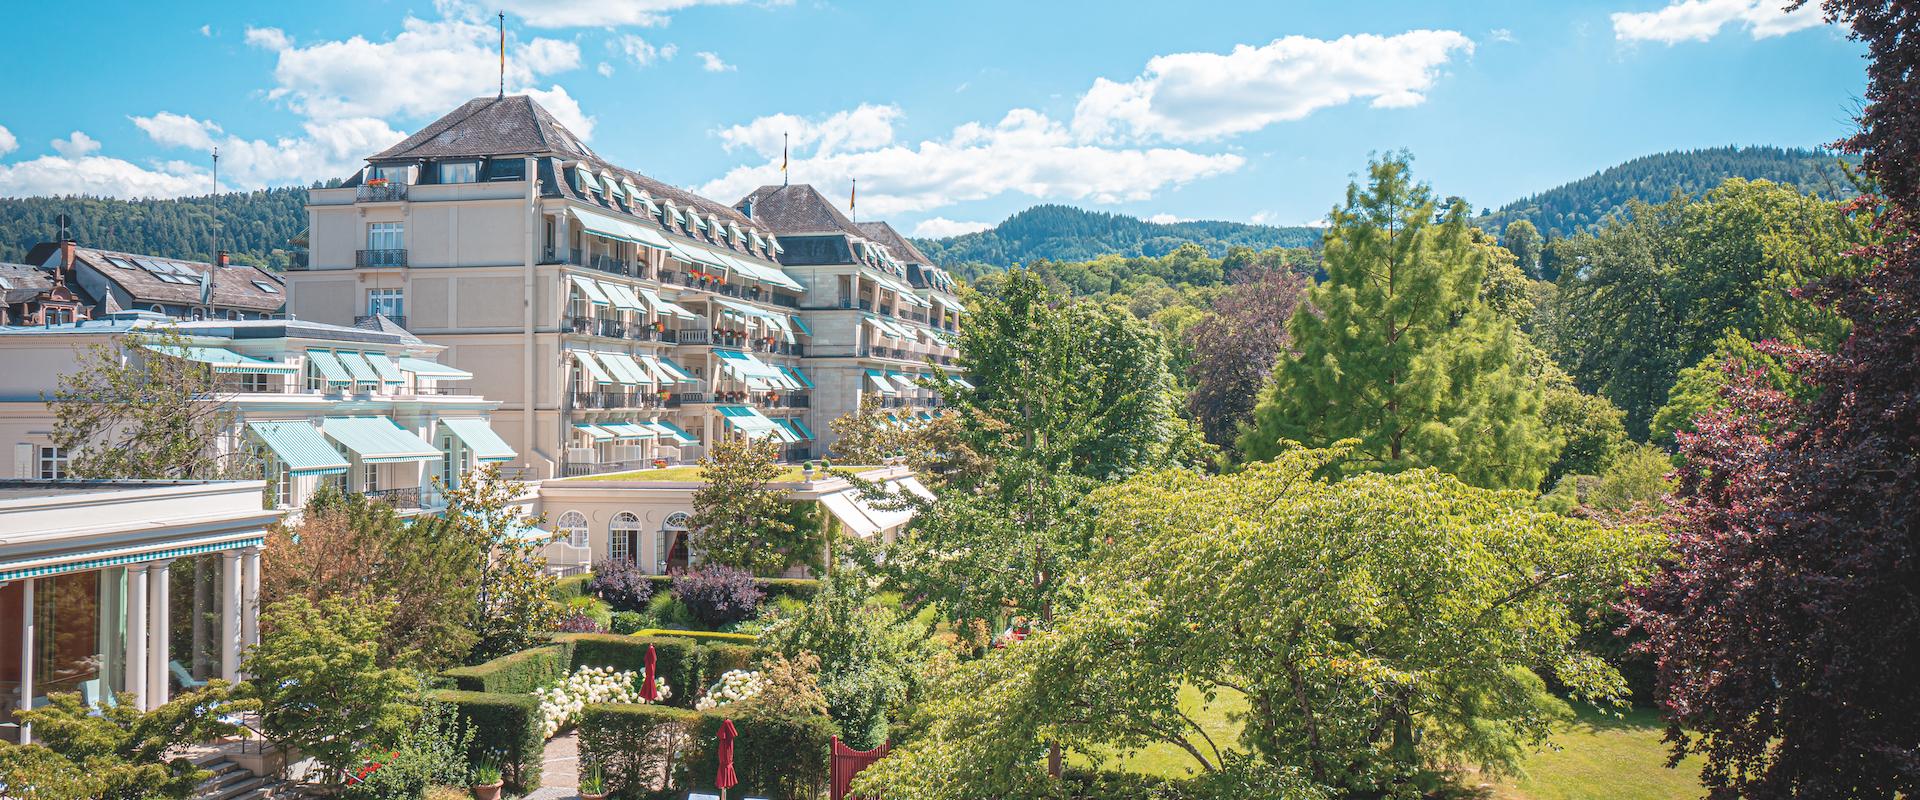 Brenners Park-Hotel & Spa_Außenansicht_Copyright_Brenners Park-Hotel & Spa